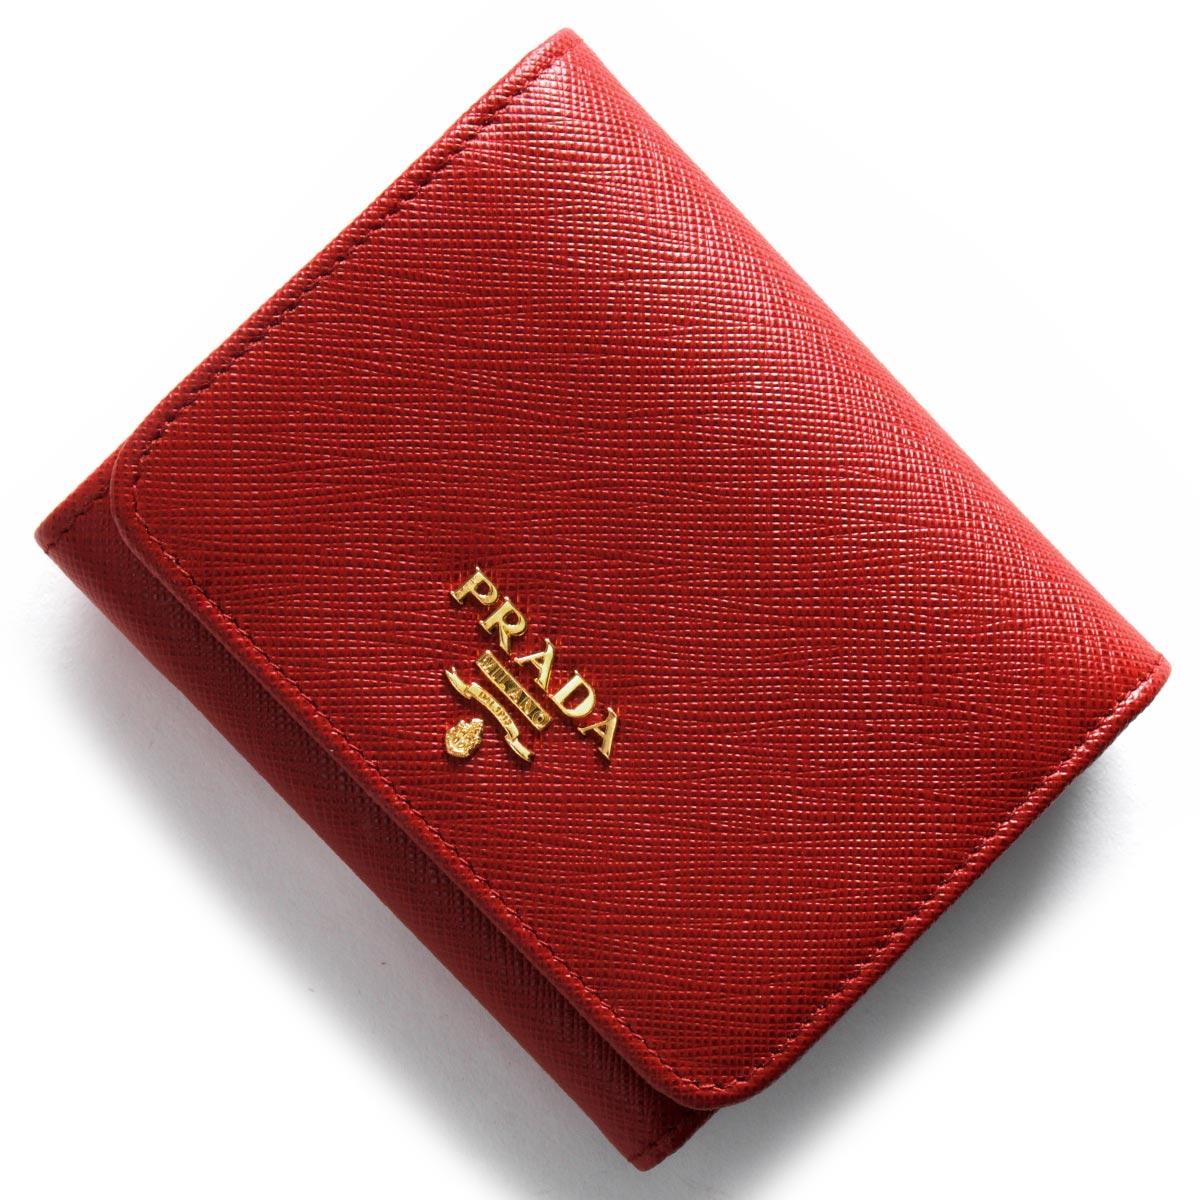 プラダ 三つ折り財布 財布 レディース サフィアーノ メタル フォーコレッド 1MH176 QWA F068Z PRADA